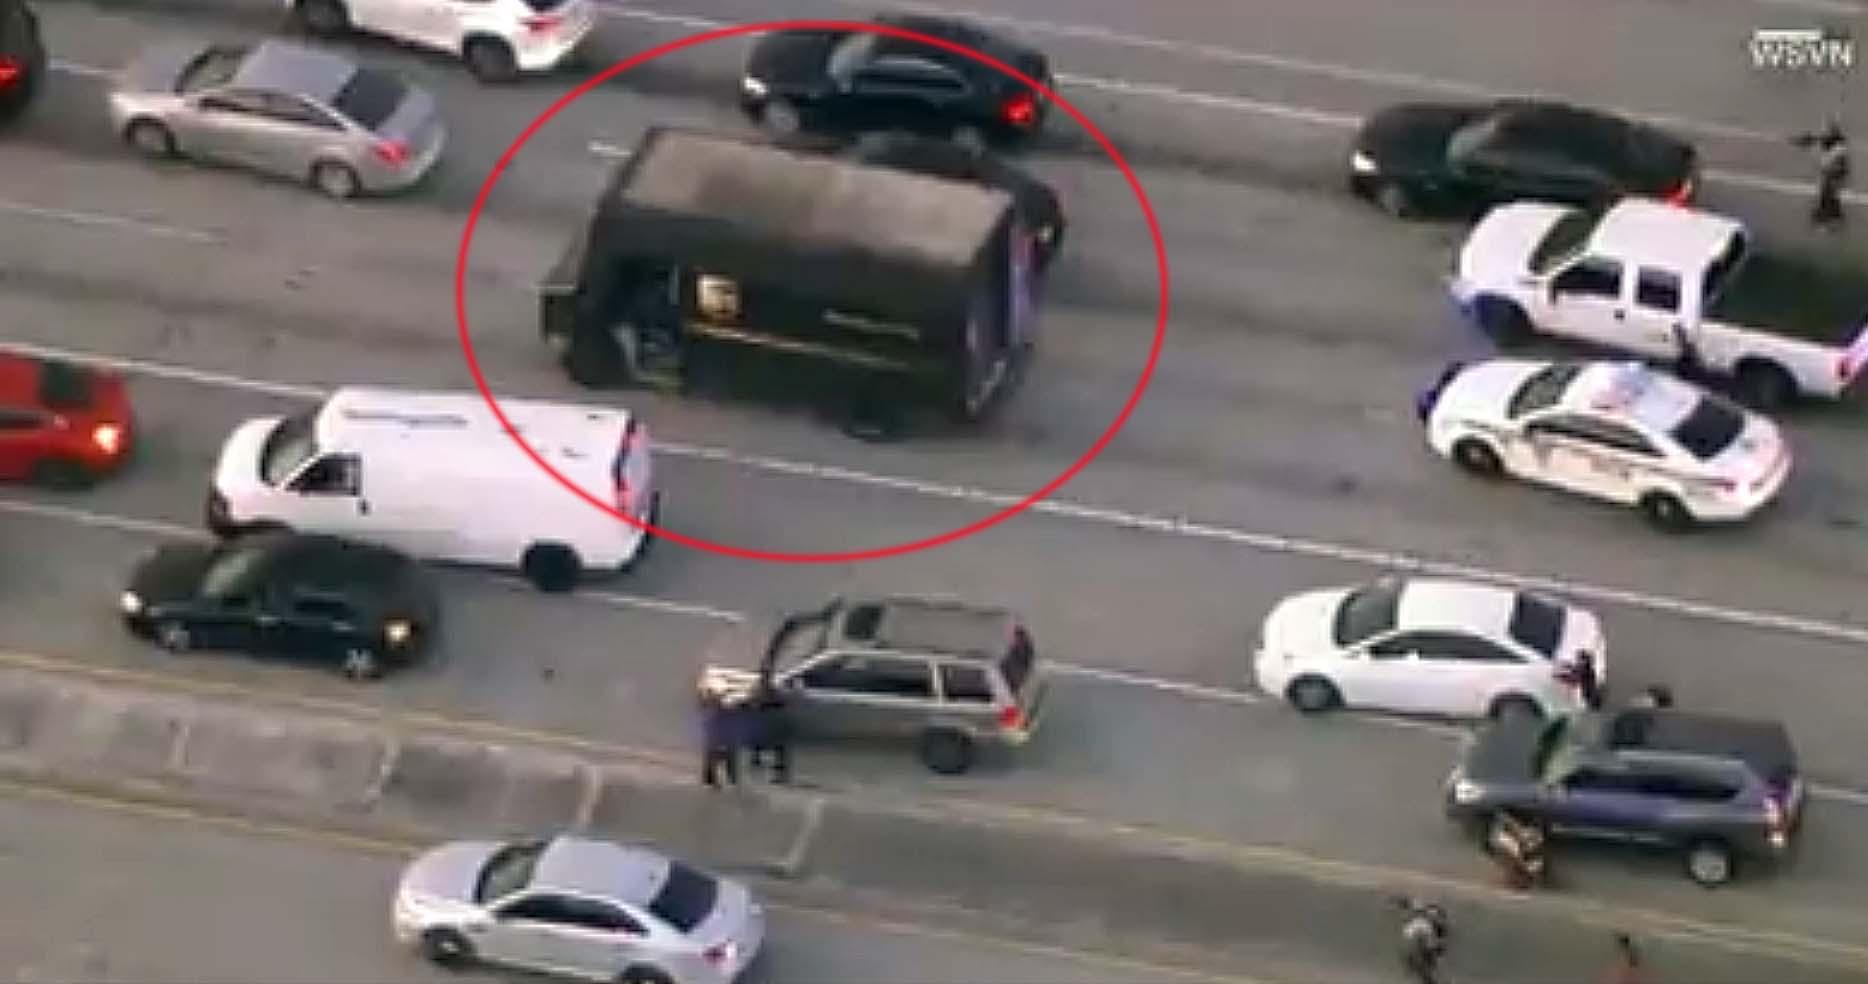 미 플로리다주에서 5일(현지시간) UPS 트럭(원안)을 탈취해 도주하던 보석상 강도와 경찰이 총격전을 벌이고 있다. [사진 CNN 캡처]